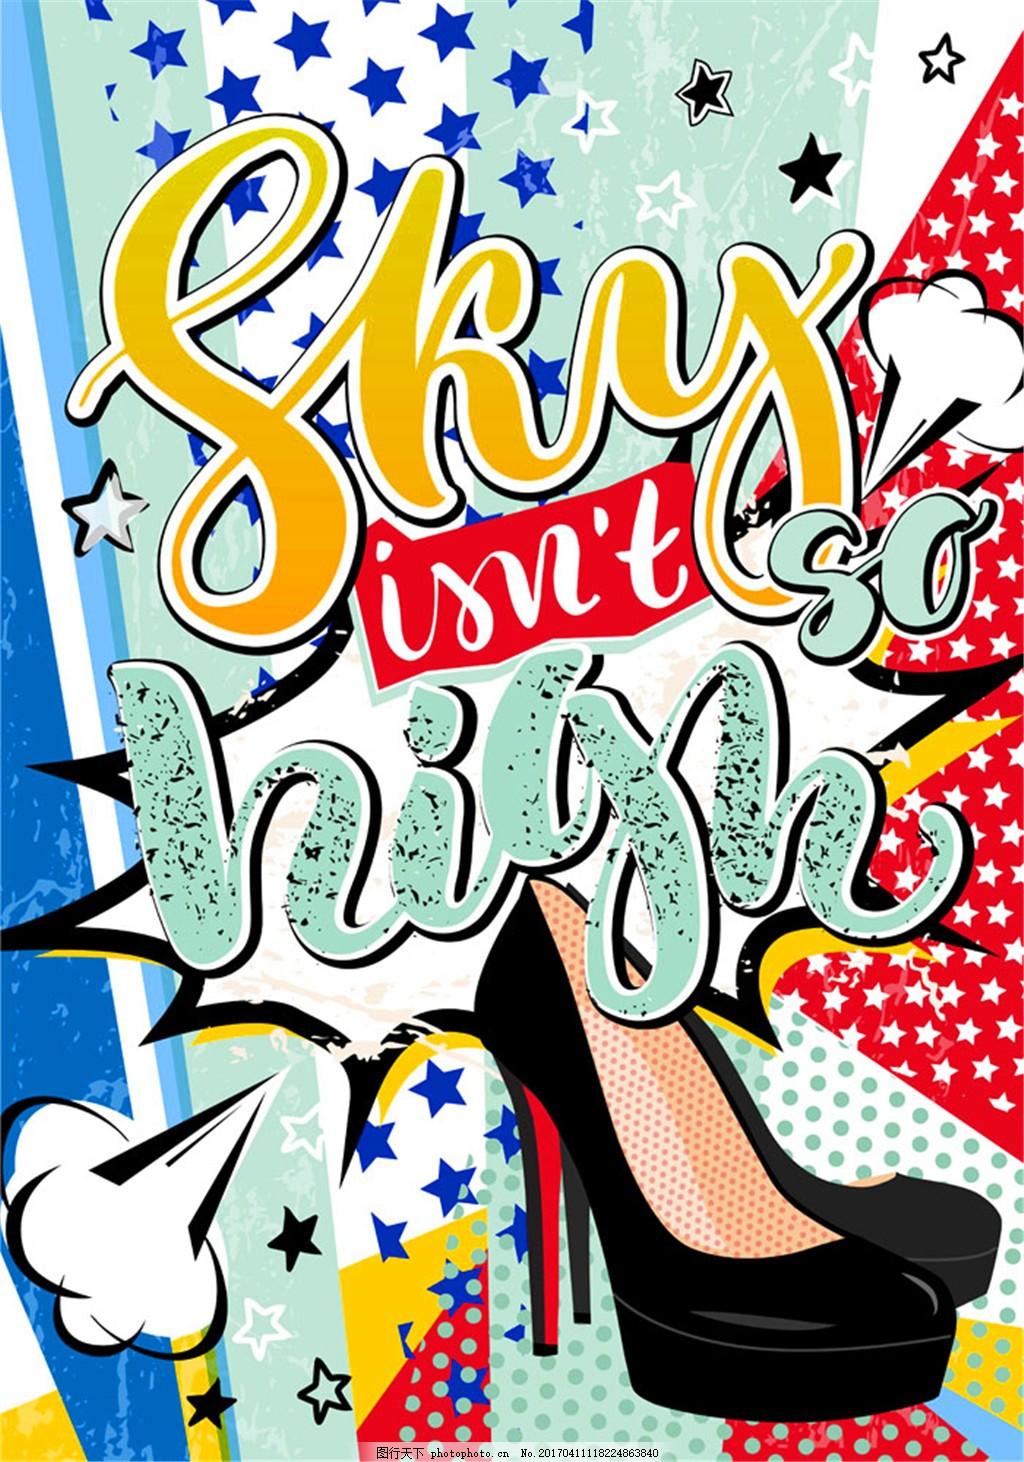 pop海报艺术字 扁平海报背景喜欢 艺术字装饰素材 特色文化宣传海报图片